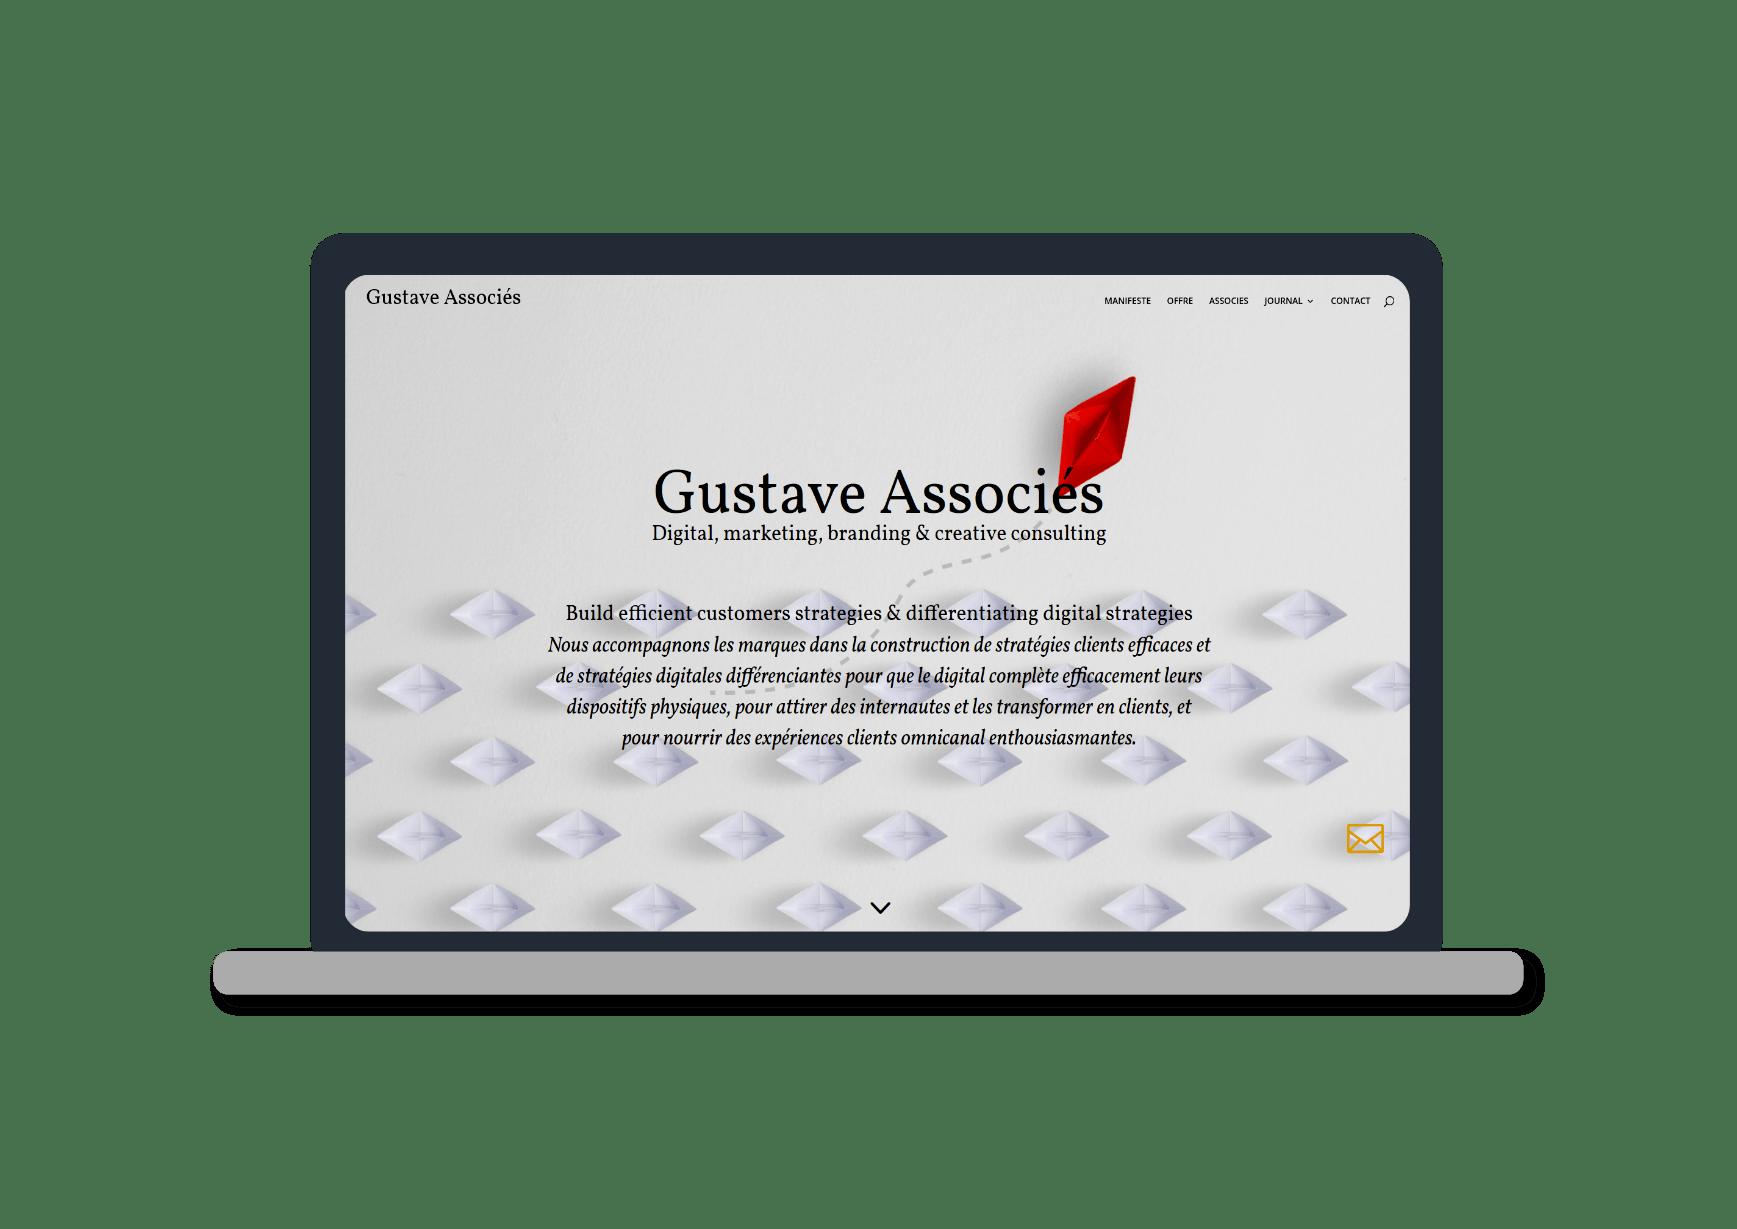 mockup macbook pro pour le site gustave associes